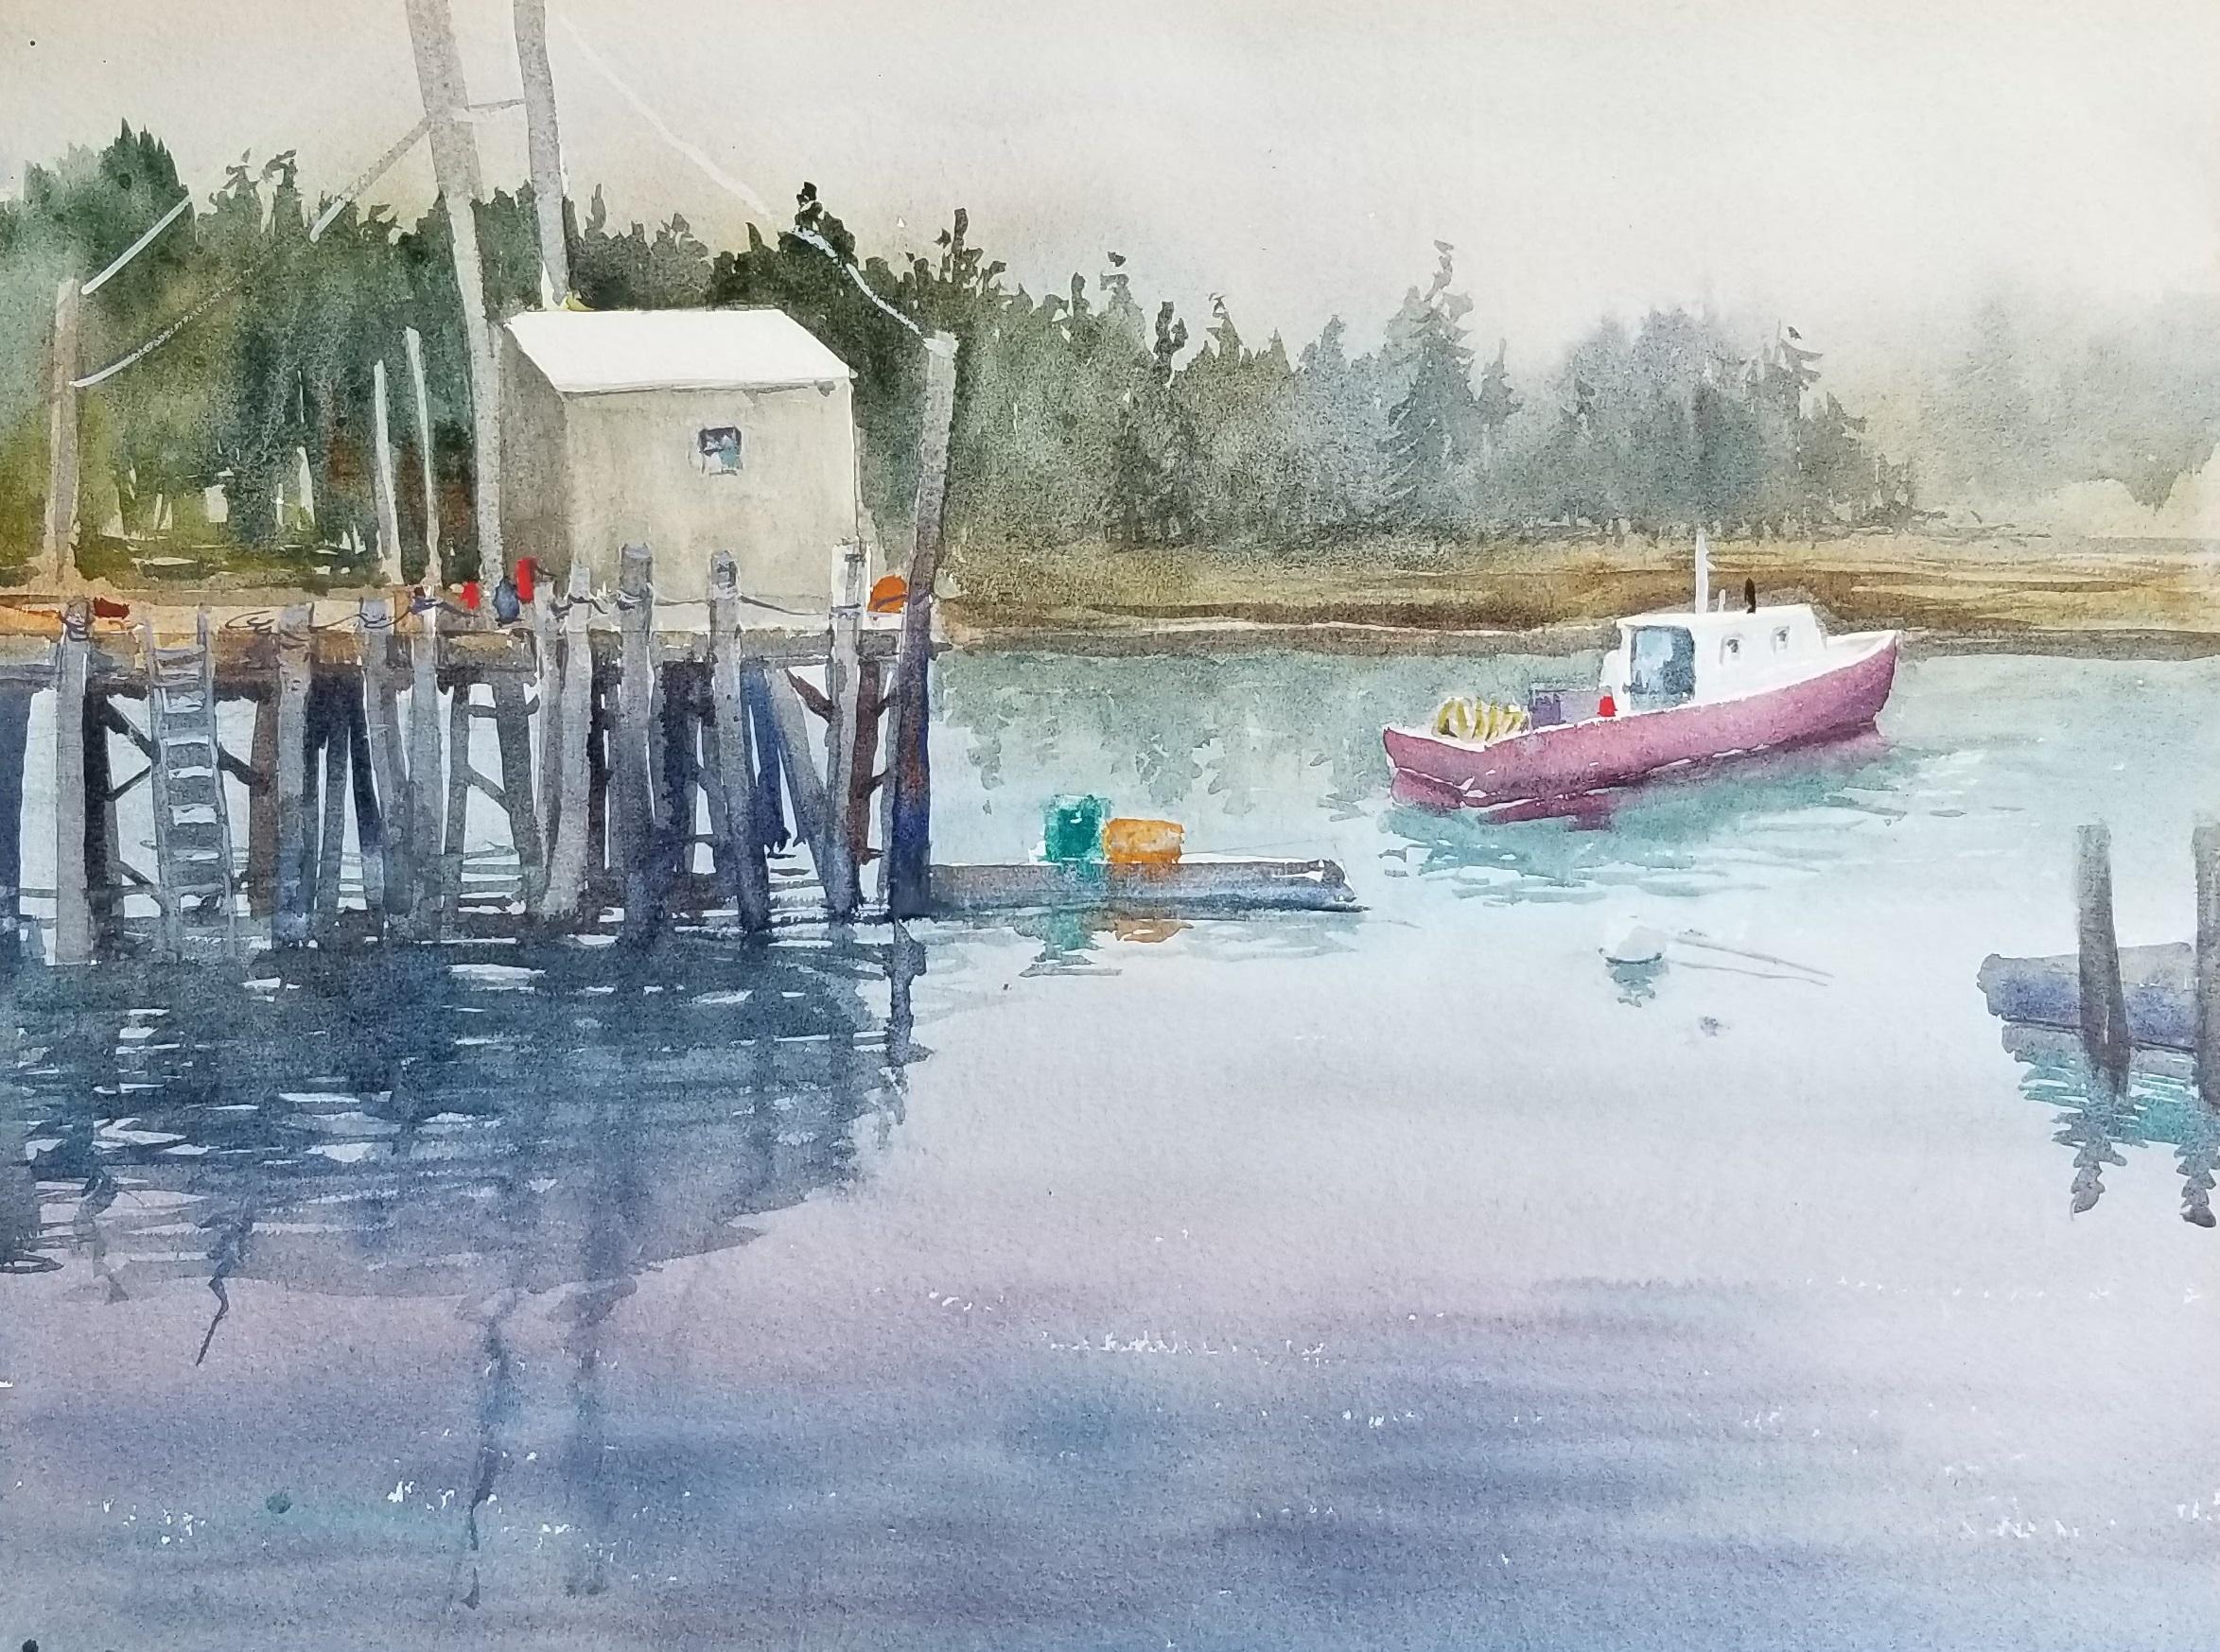 Coastal Maine harbor view-12x16 by Nancy Boyle.jpg